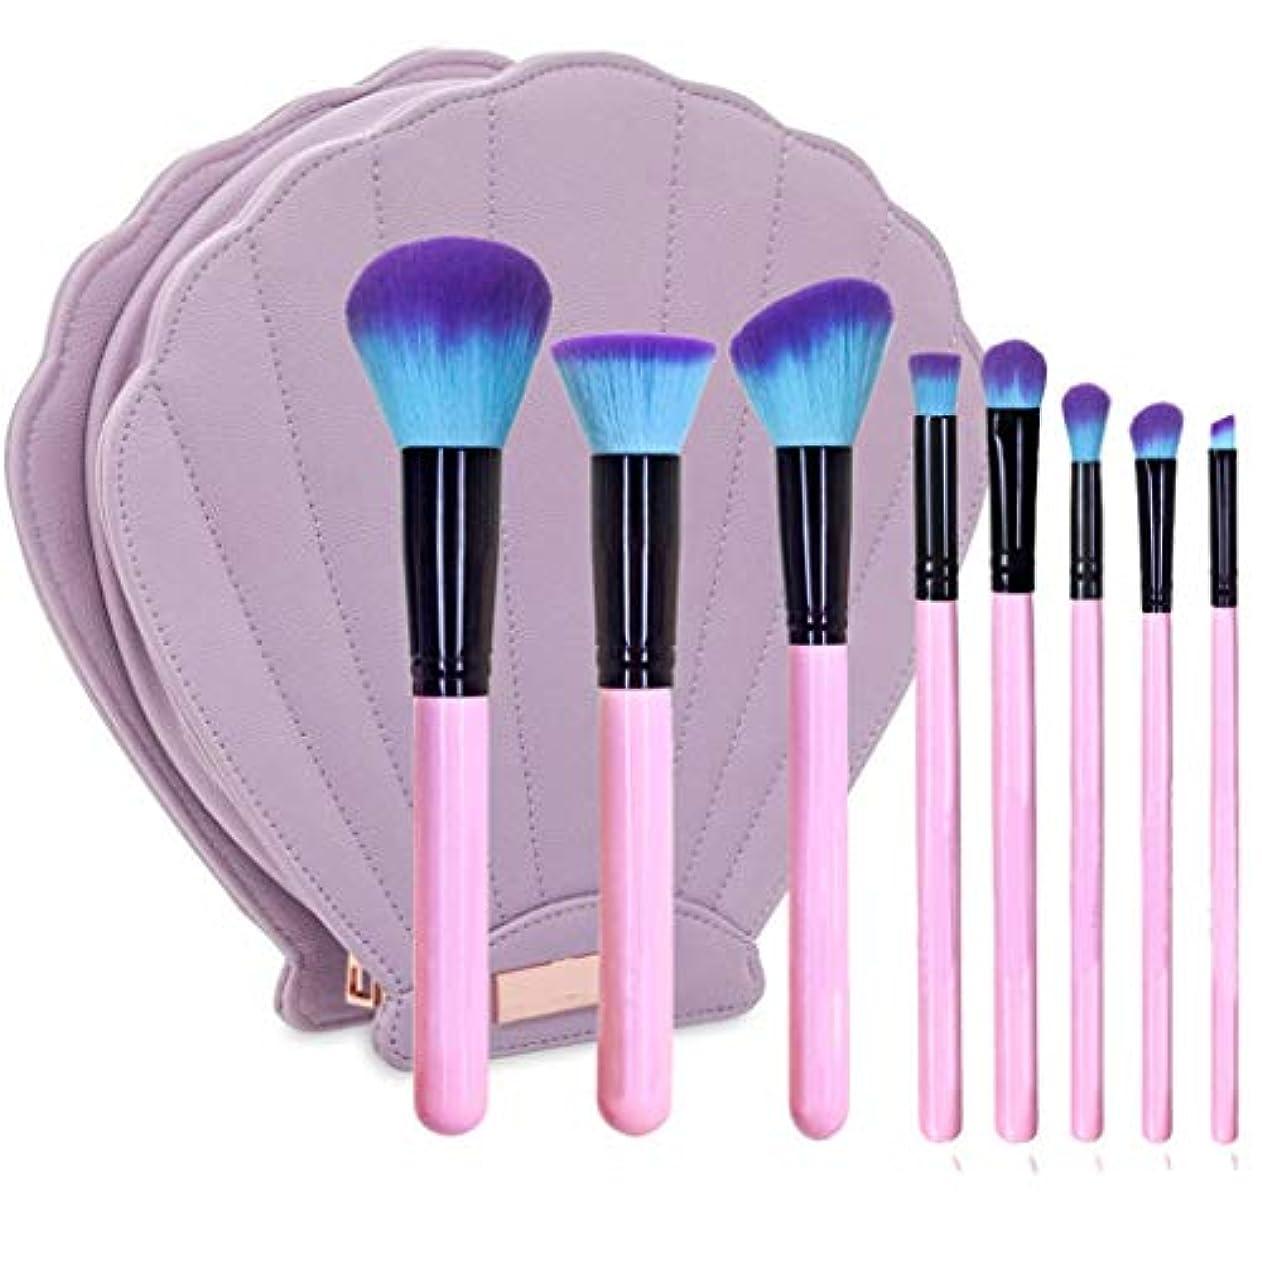 エレクトロニック窓を洗うインターネット10シェルバッグ化粧ブラシブルーパープルジッパーバッグセットフルセットの化粧道具,Pink